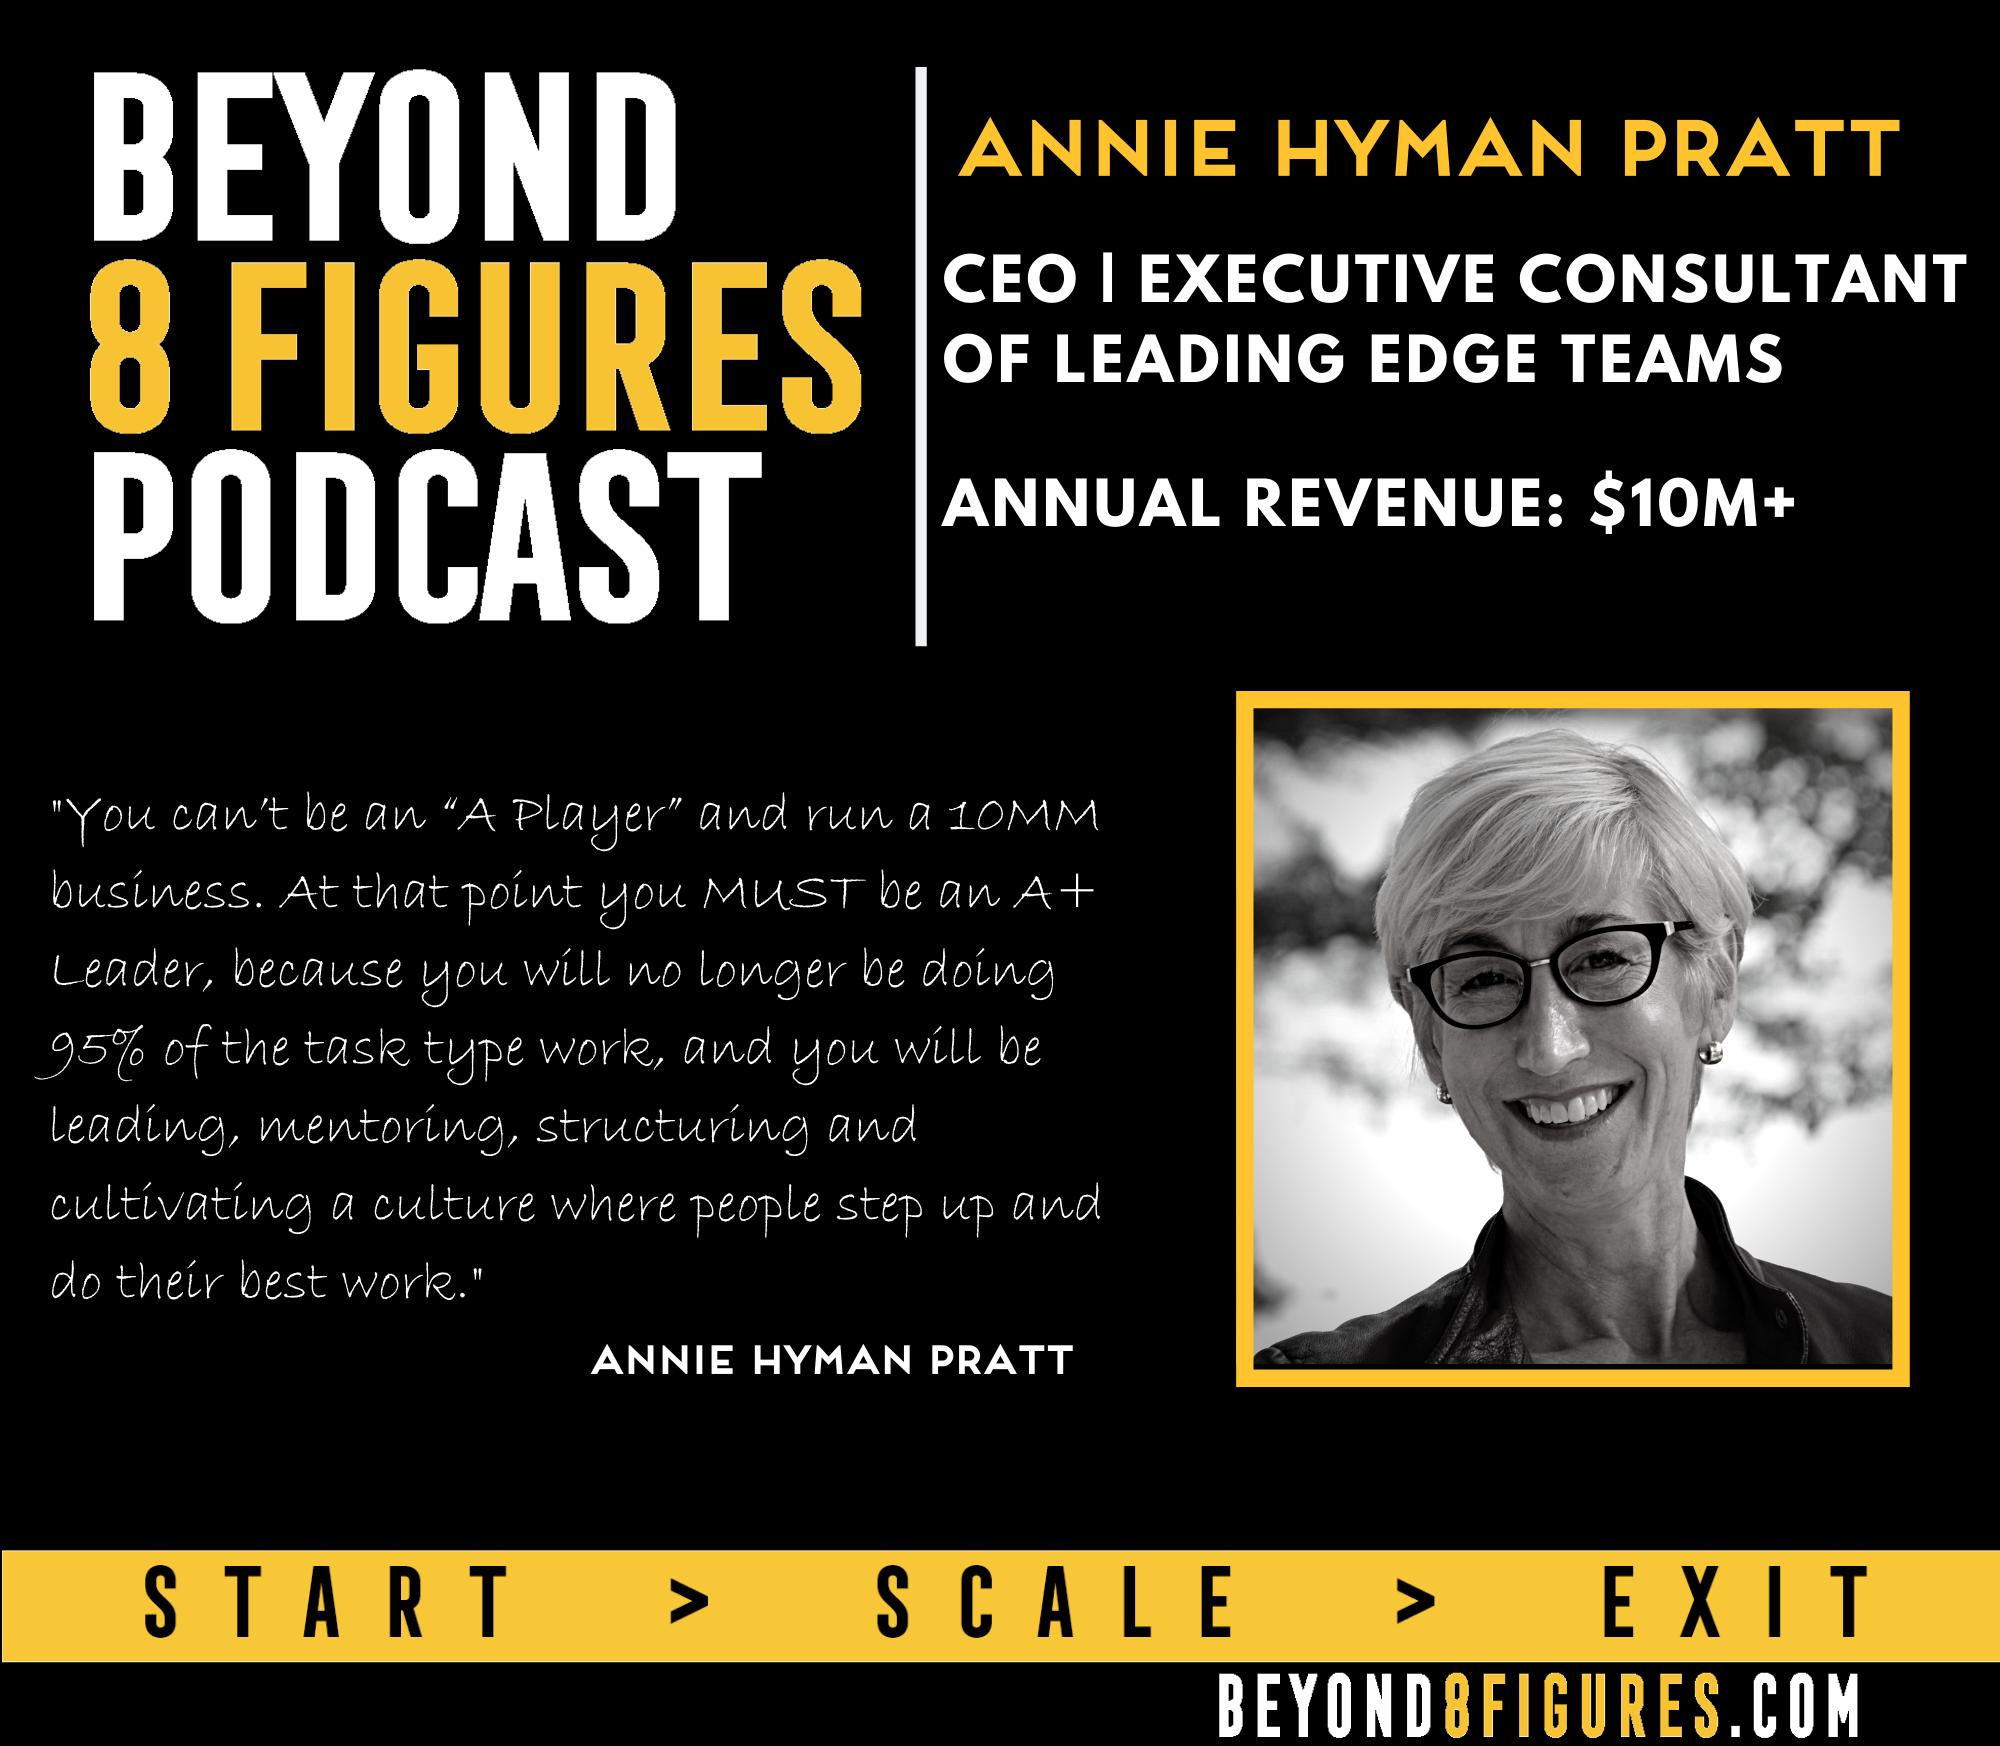 $10M+ Annual Revenue – Annie Hyman Pratt, CEO | Executive Consultant Leading Edge Teams |The Coffee Bean & Tea Leaf Family